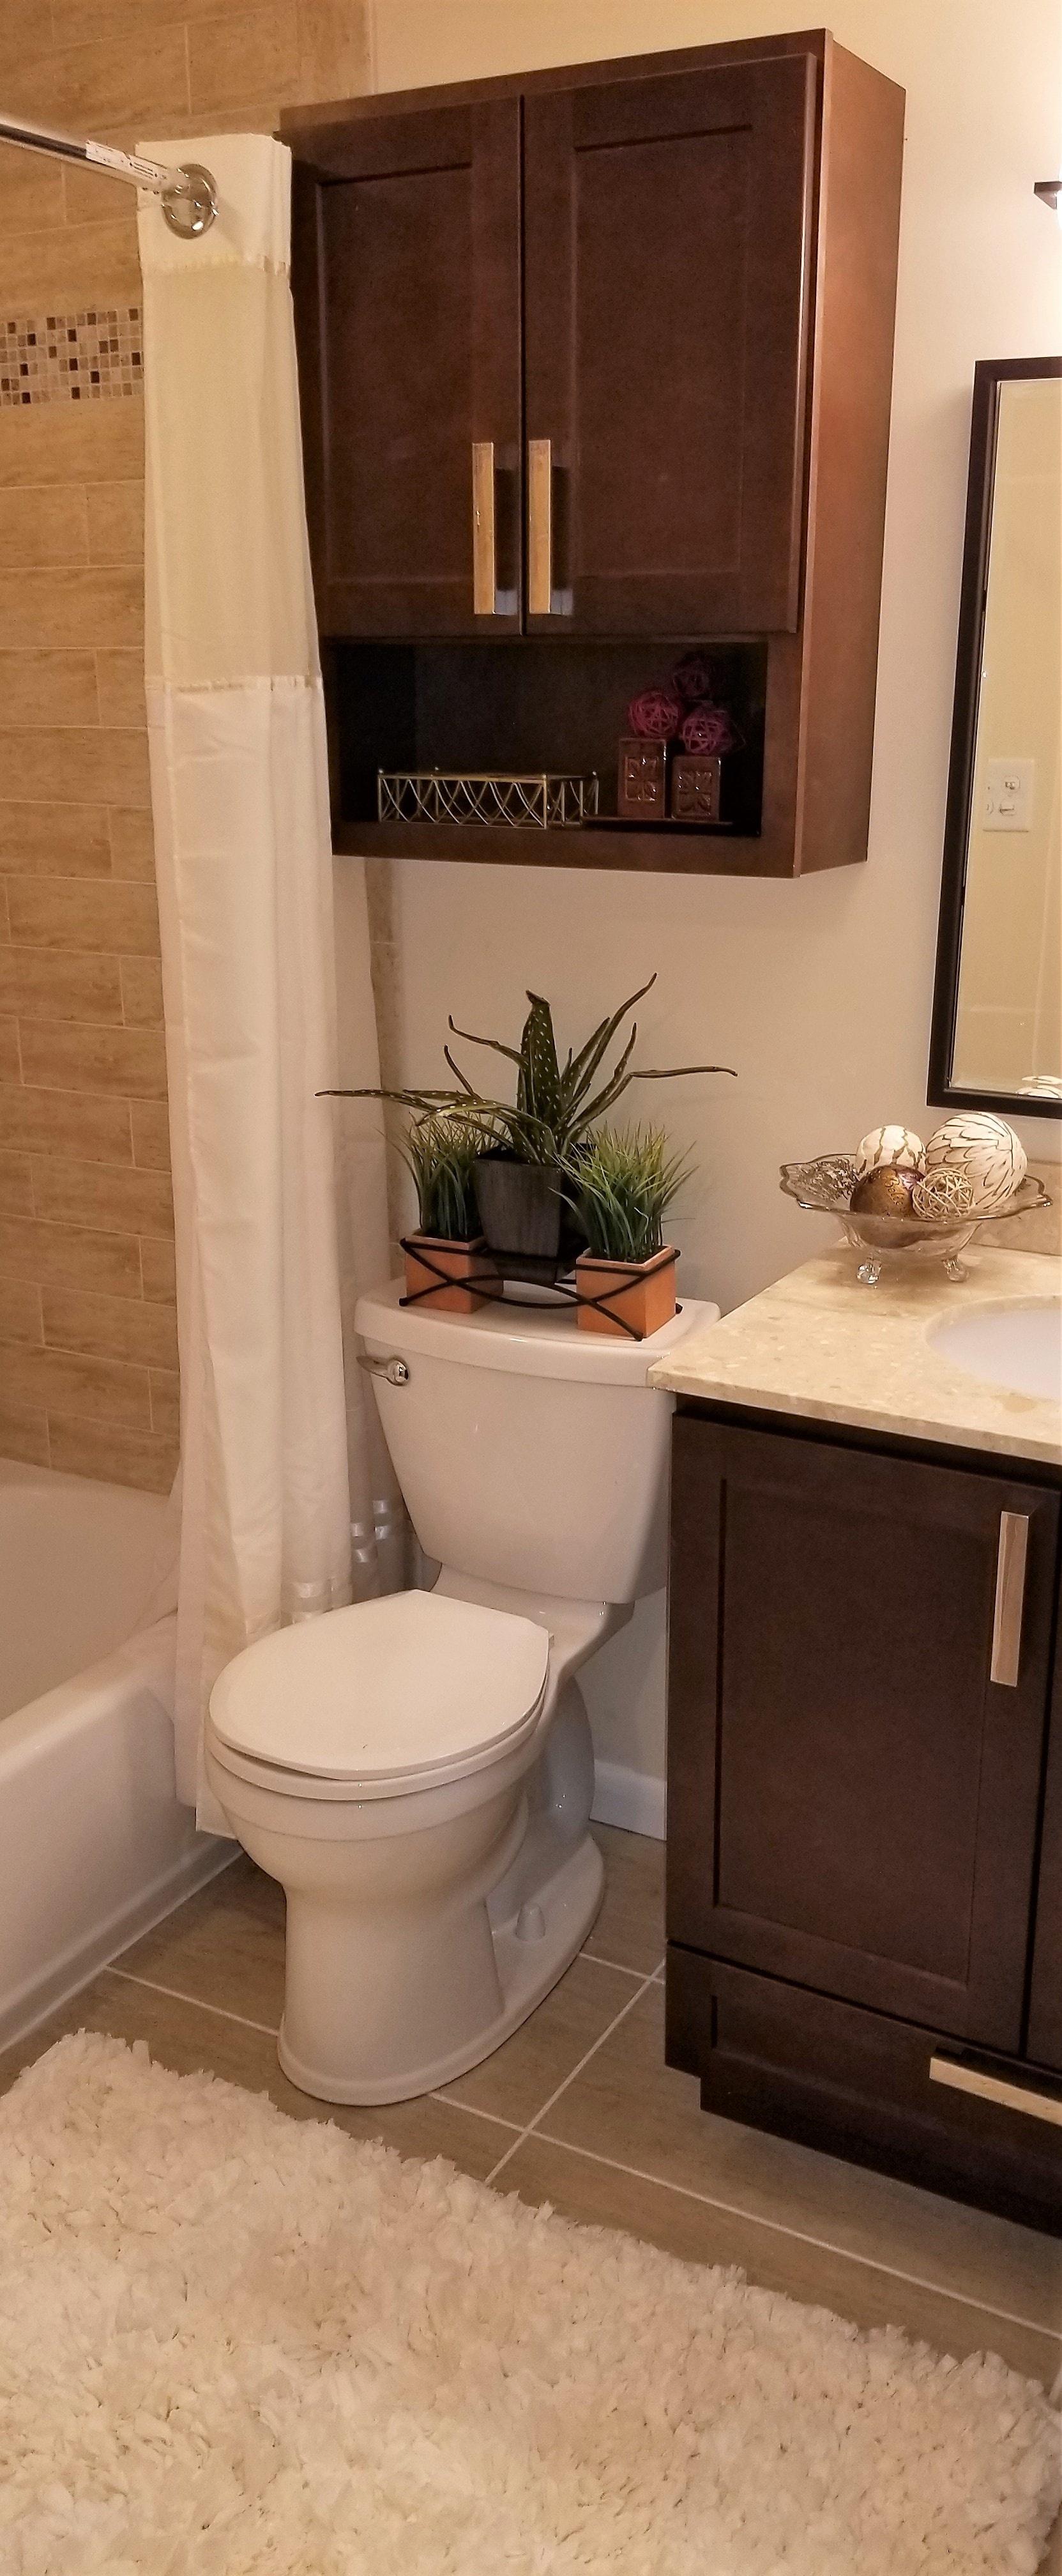 https://0201.nccdn.net/4_2/000/000/038/2d3/BathroomNarrowShot-min-1663x4032.jpg